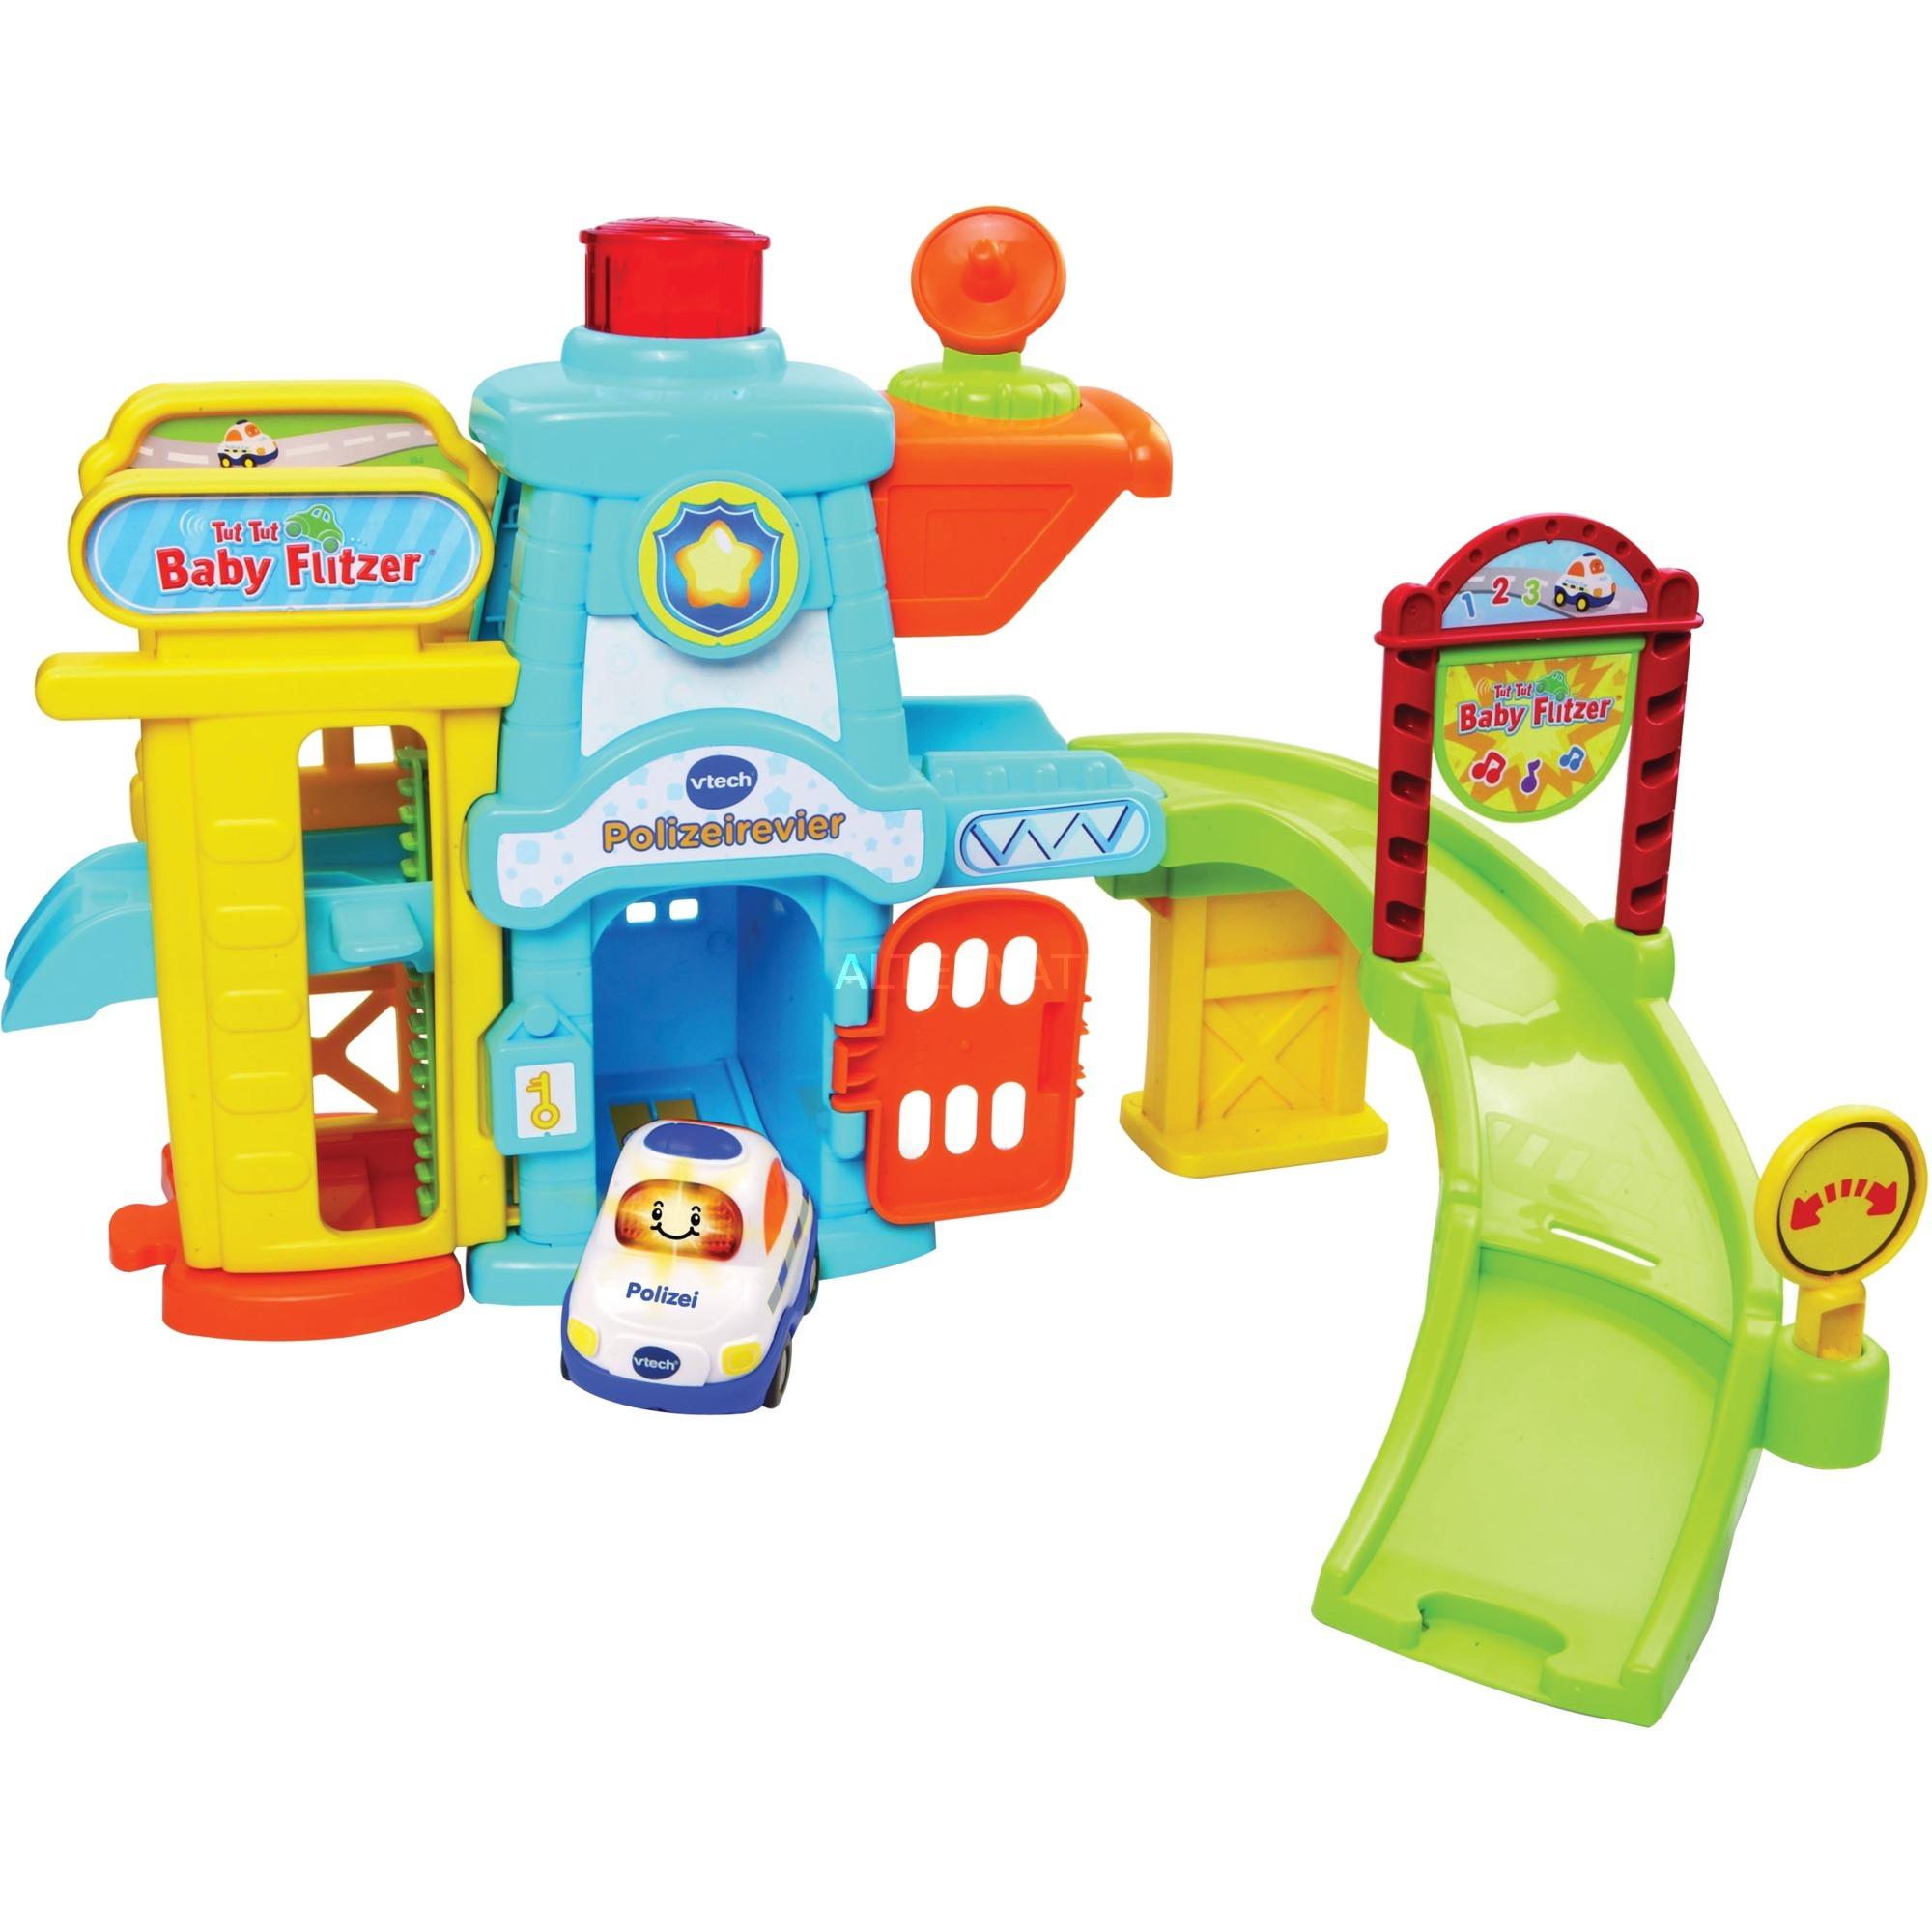 tut-tut-baby-flitzer-polizeirevier-modul